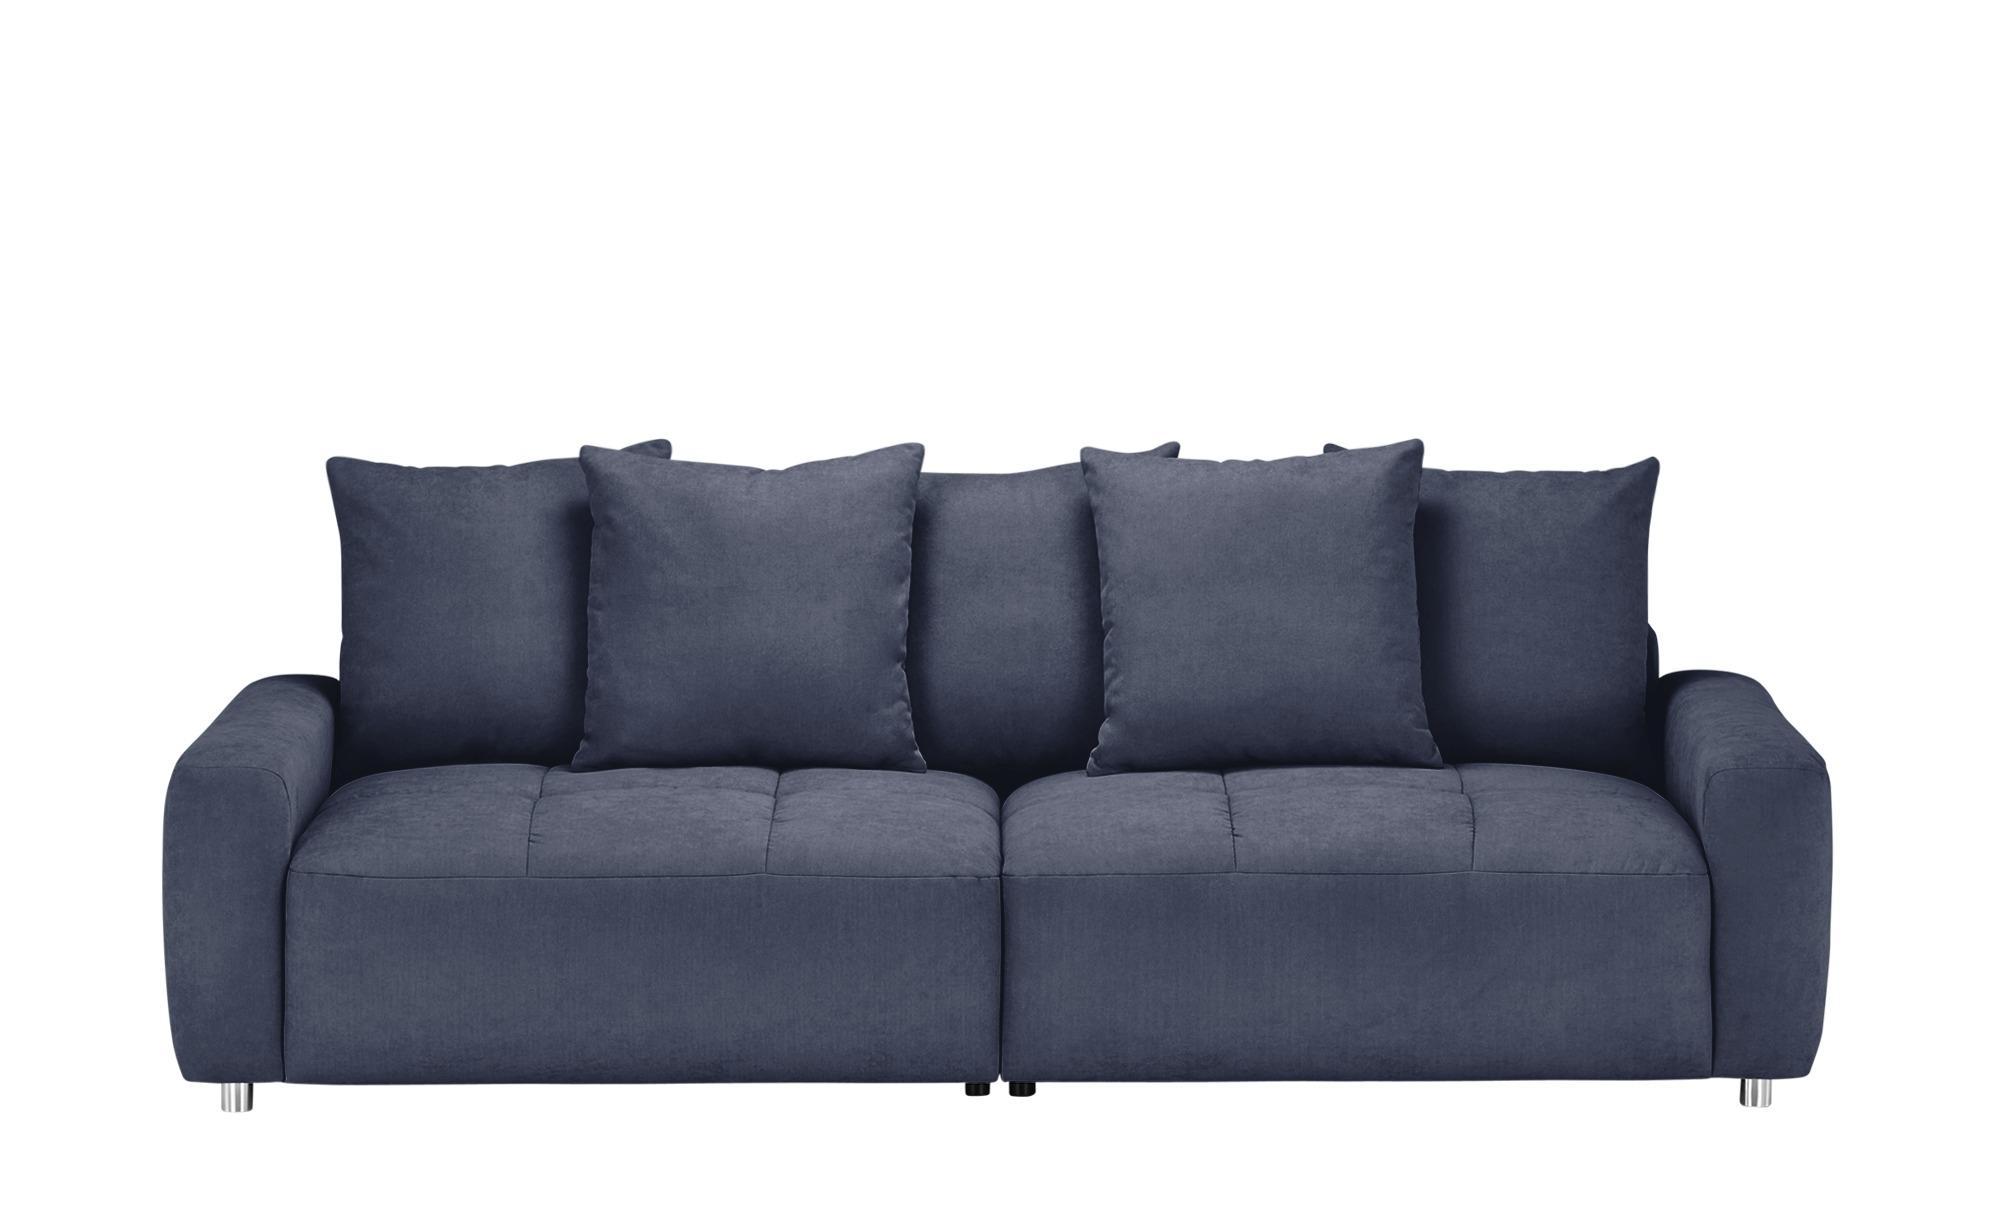 bobb Big Sofa Betty, gefunden bei Möbel Höffner